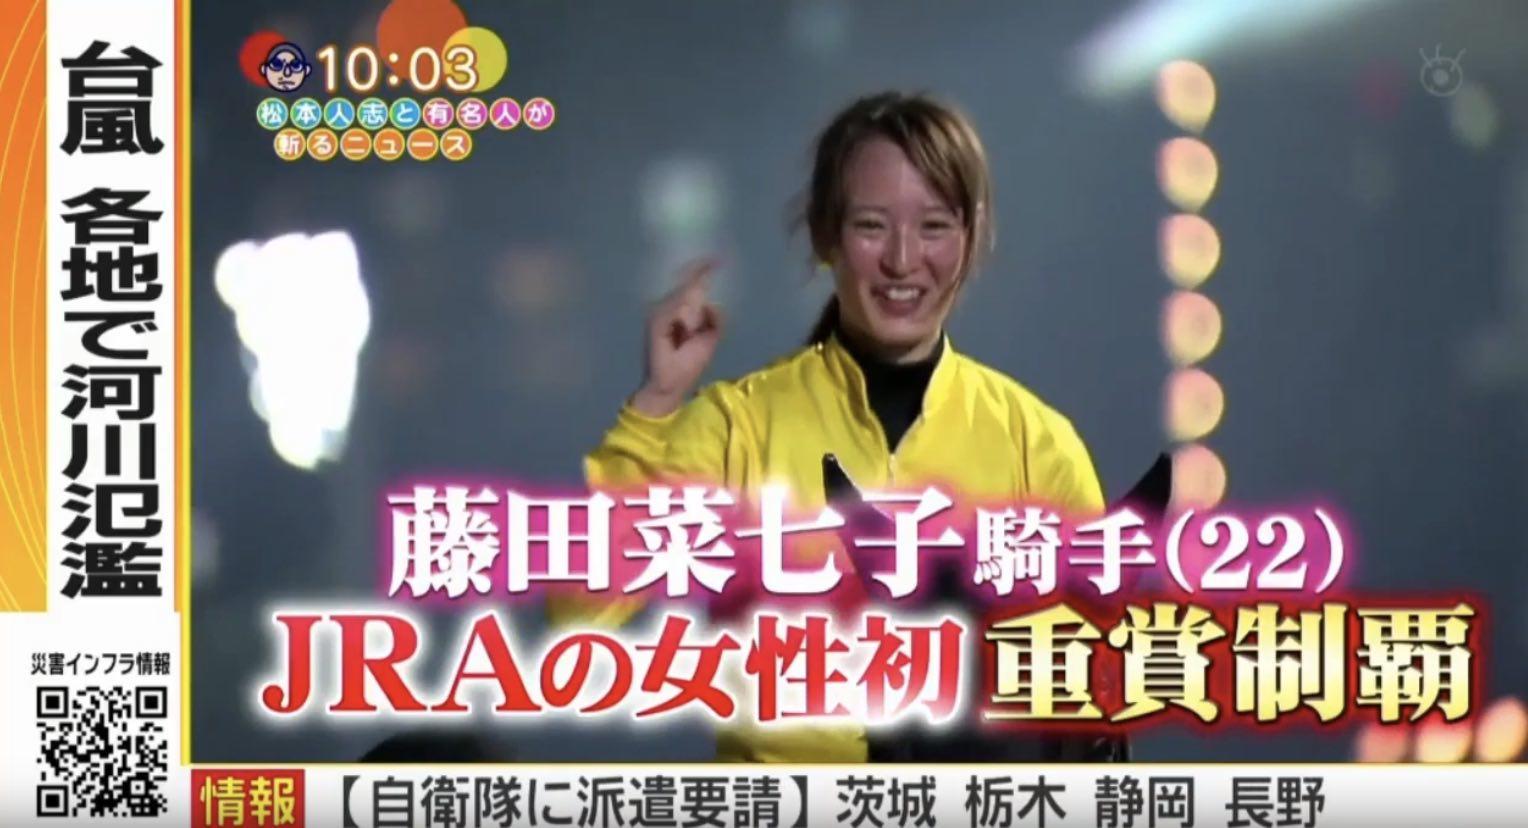 女性騎手でJRA重賞初勝利で喜ぶ藤田菜七子